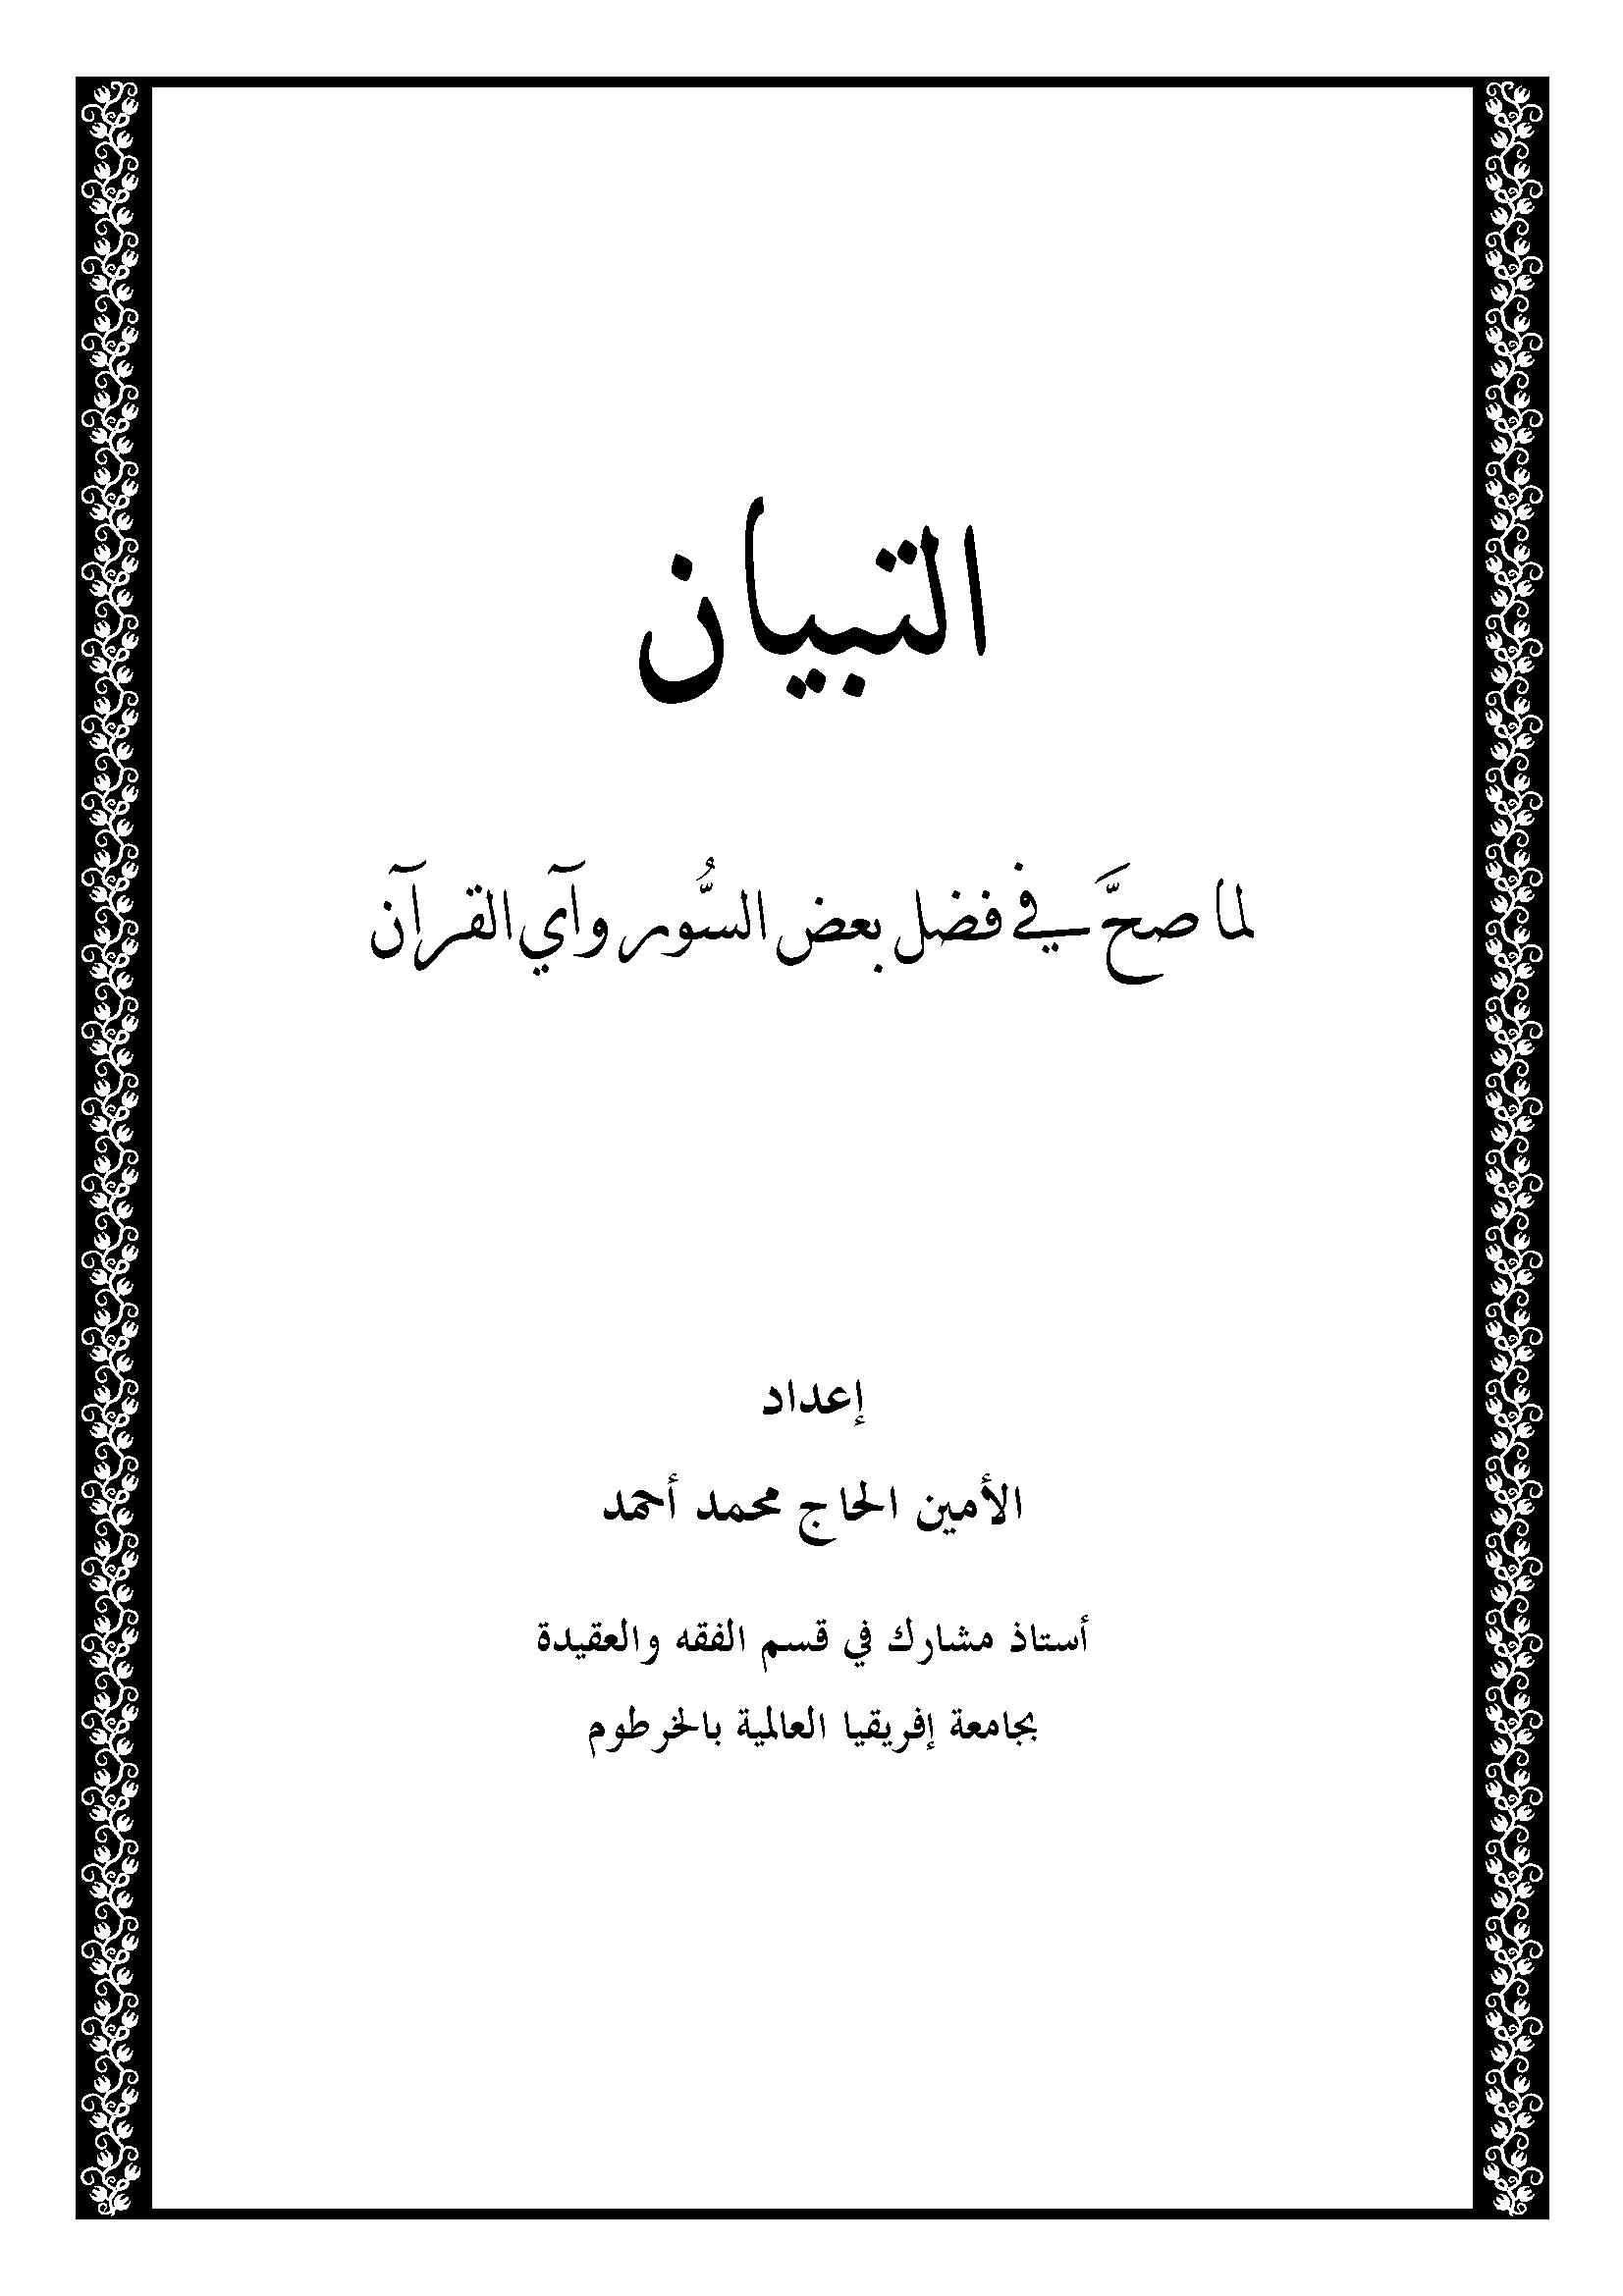 تحميل كتاب التبيان لما صح في فضل بعض السور وآي القرآن لـِ: الدكتور الأمين الحاج محمد أحمد